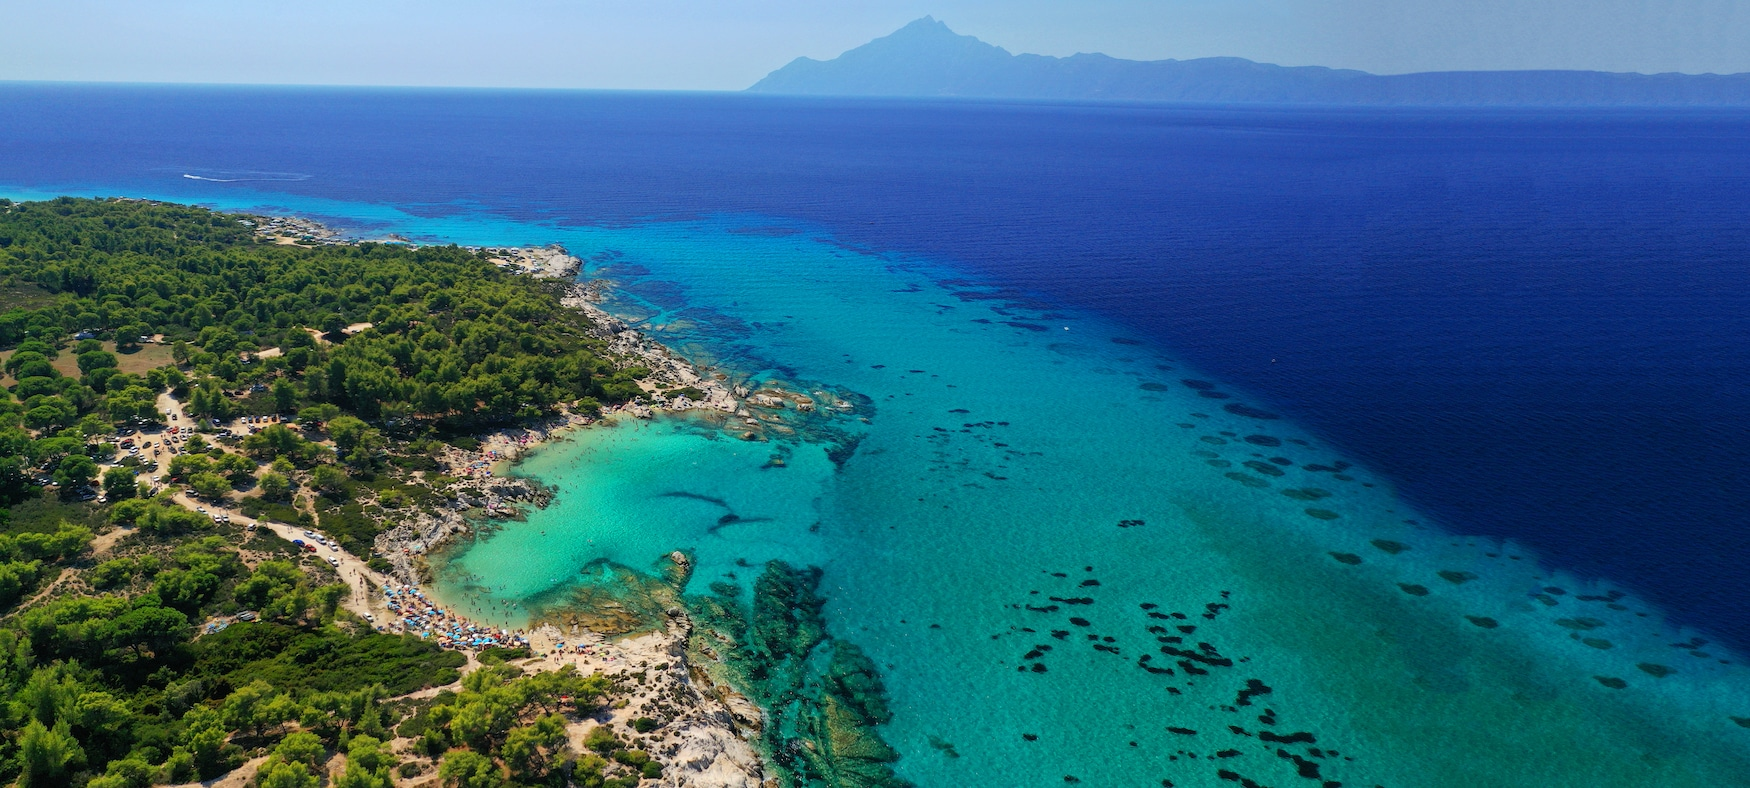 Die wunderschöne türkisfarbene Bucht und der Strand von Kavourotripes mit felsiger Meereslandschaft auf der Halbinsel Sithonia, Chalkidiki